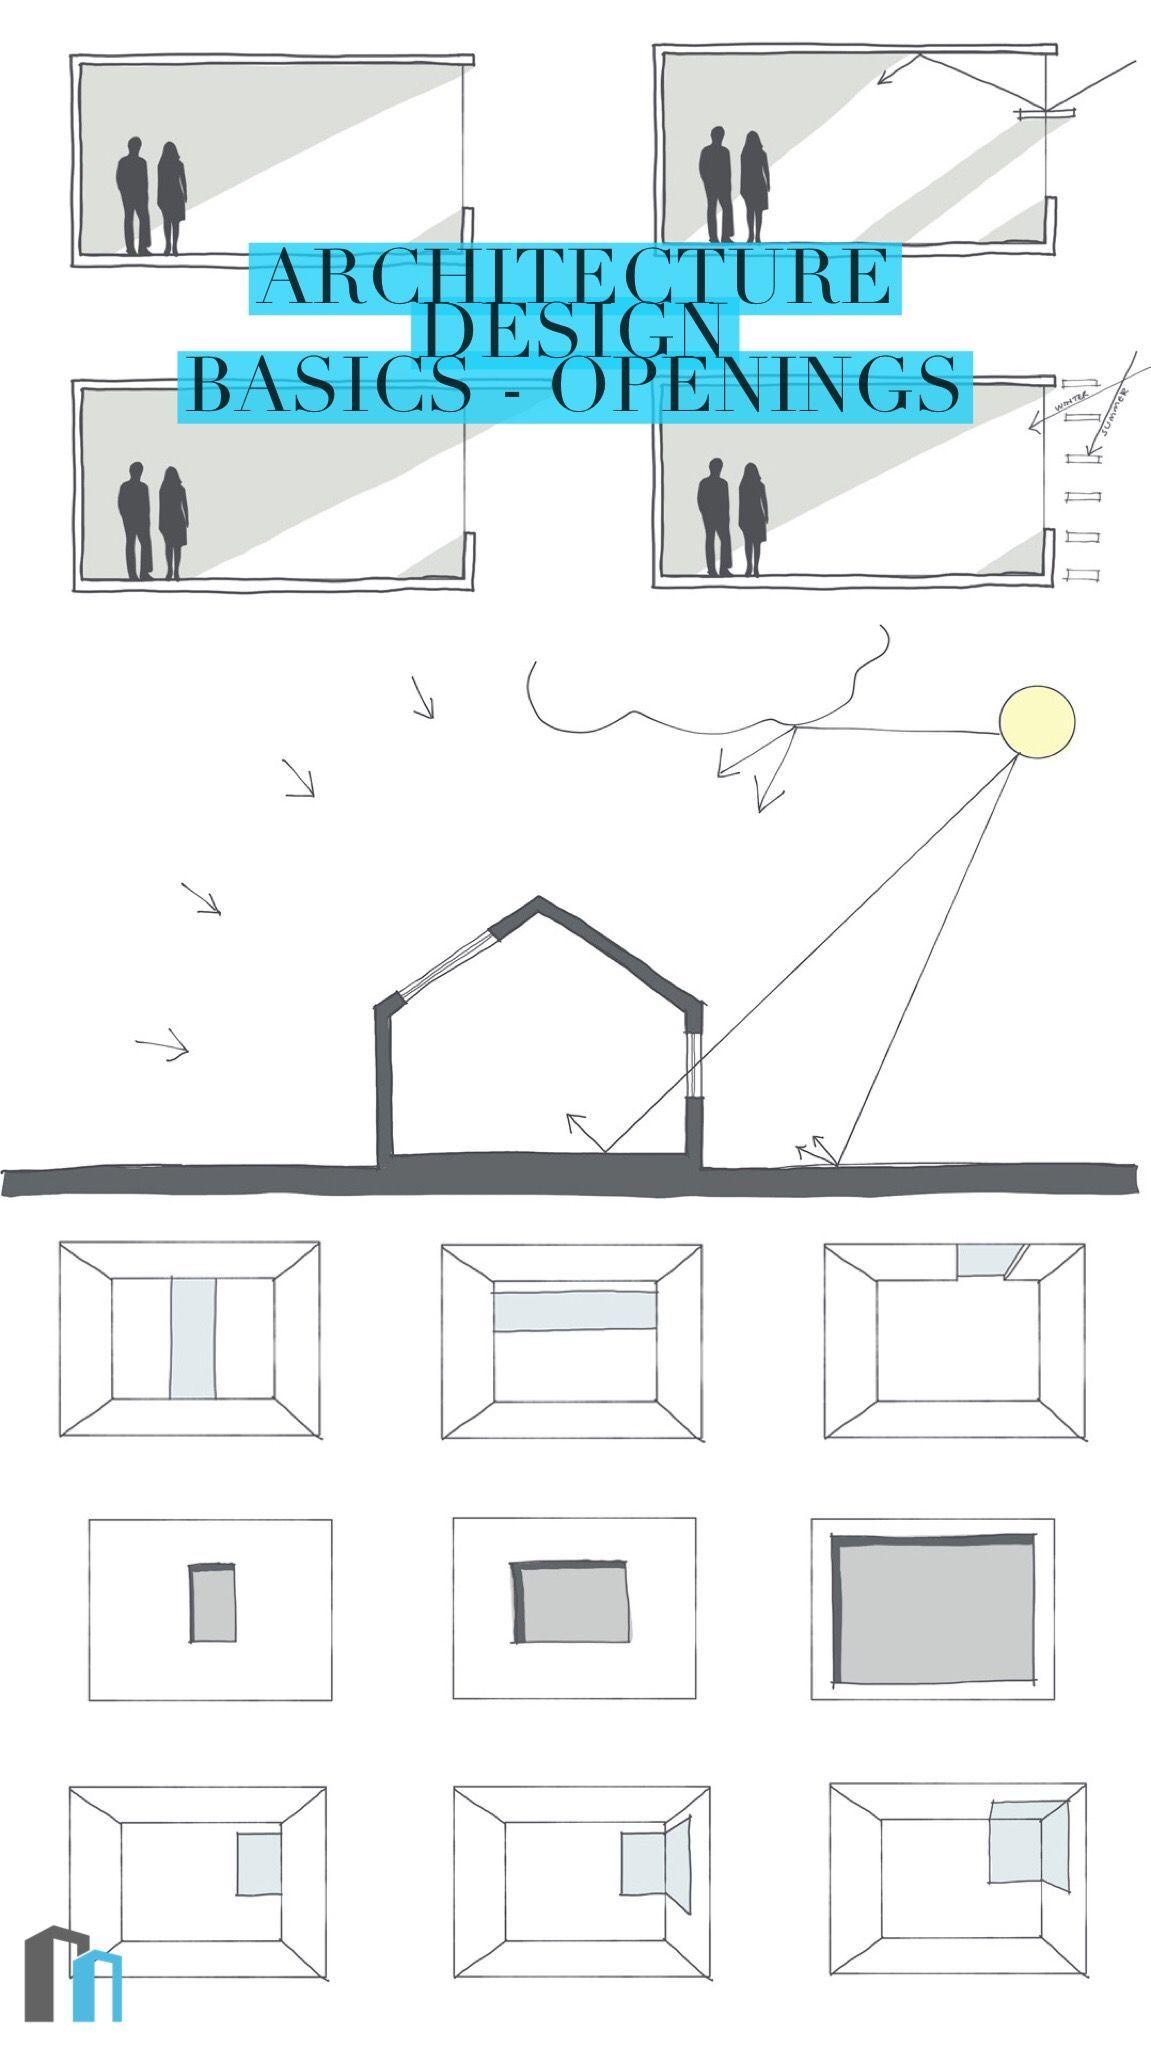 Architektur Design Basics Aussparungen In 2020 Architecture Design Concept Architecture Design Design Basics